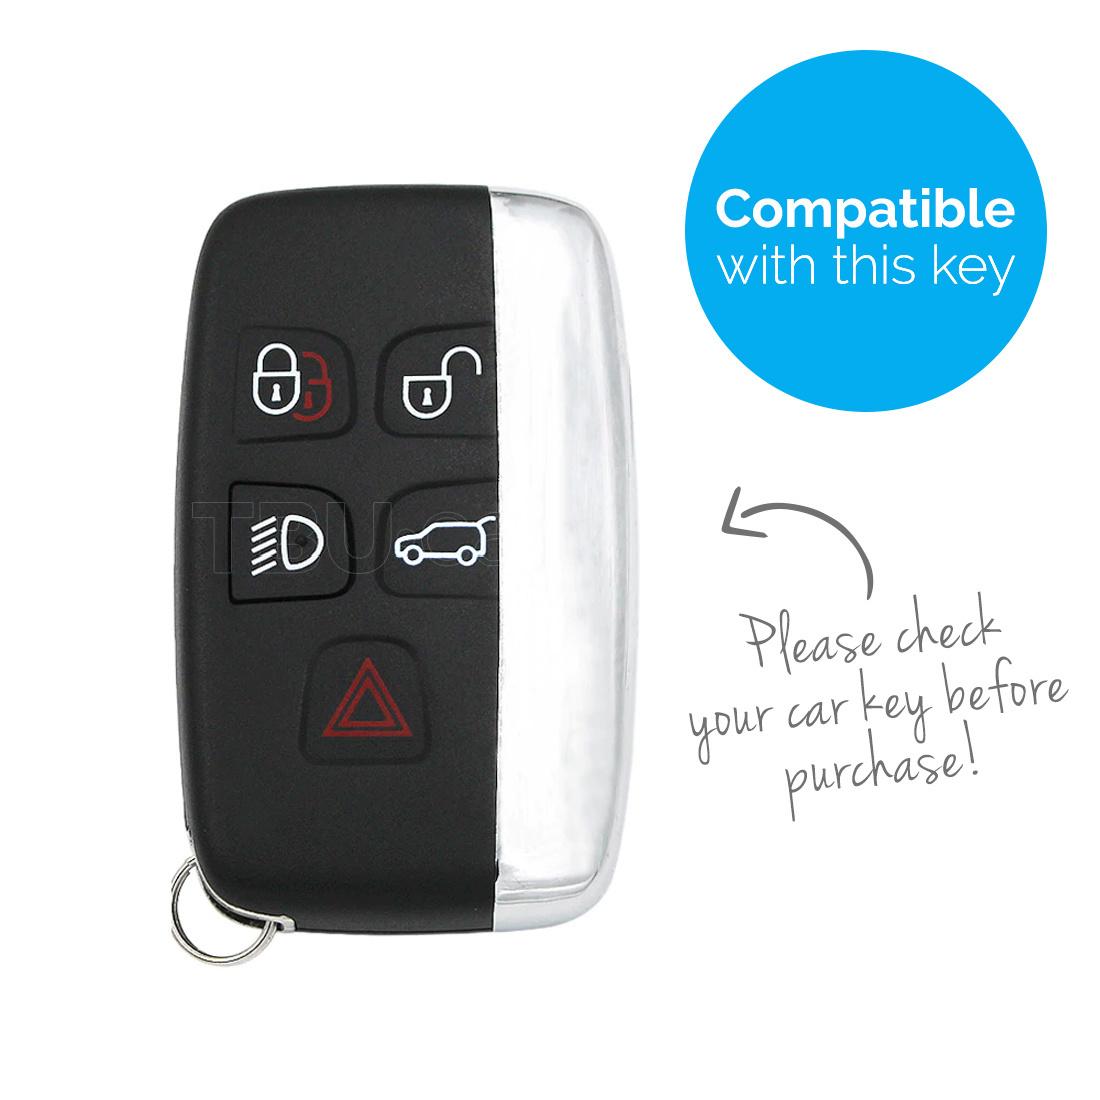 TBU car Autoschlüssel Hülle für Land Rover 5 Tasten (Keyless Entry) - Schutzhülle aus Silikon - Auto Schlüsselhülle Cover in Weiß